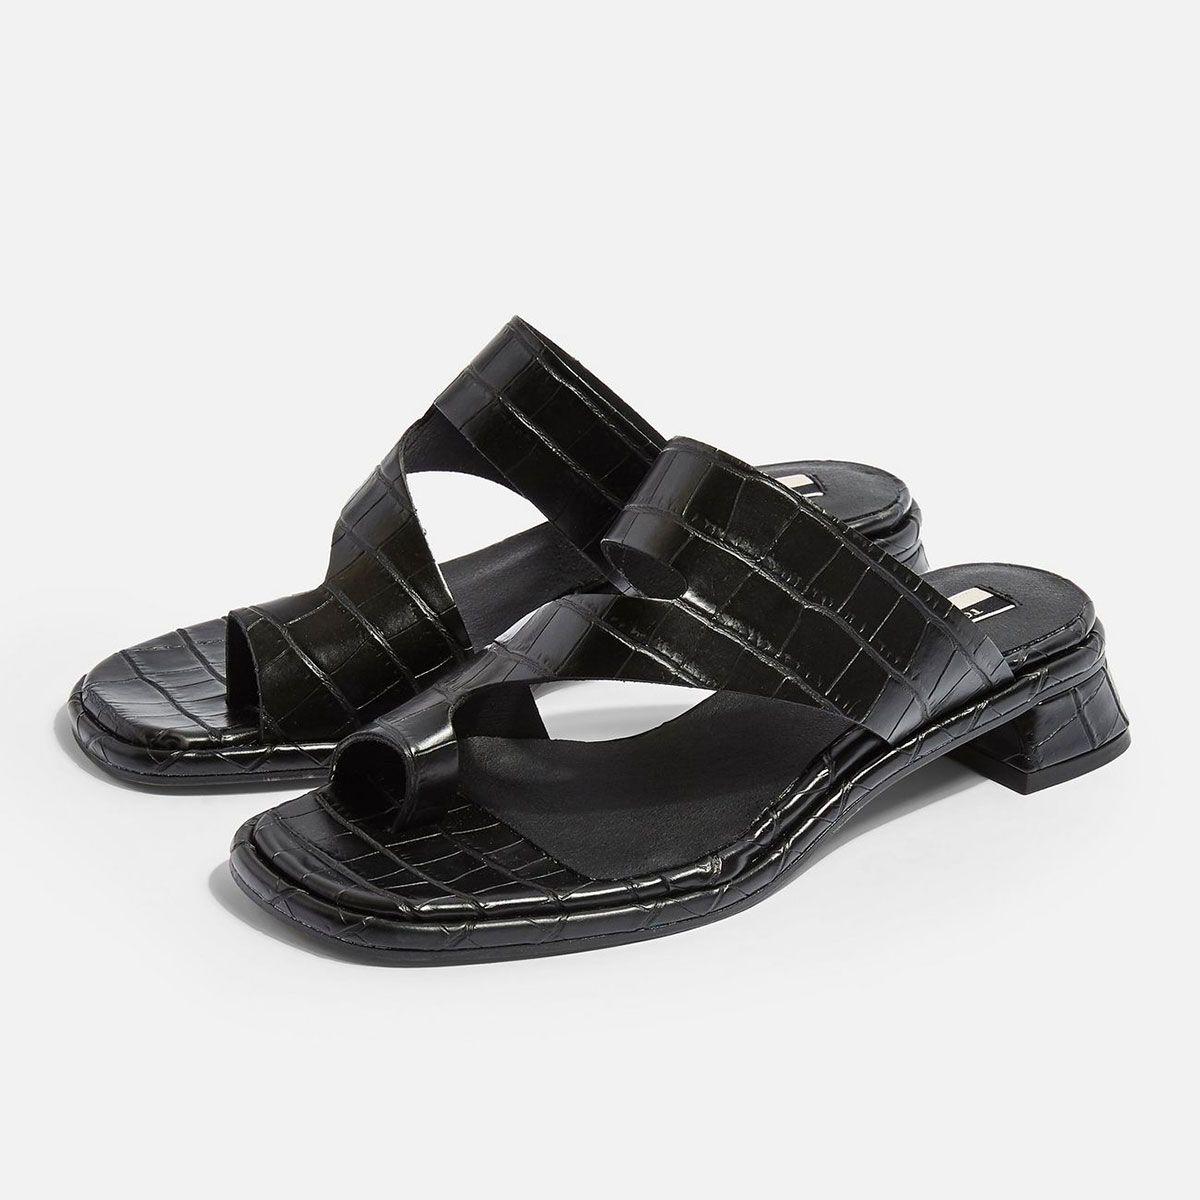 Topshop vegan shoes